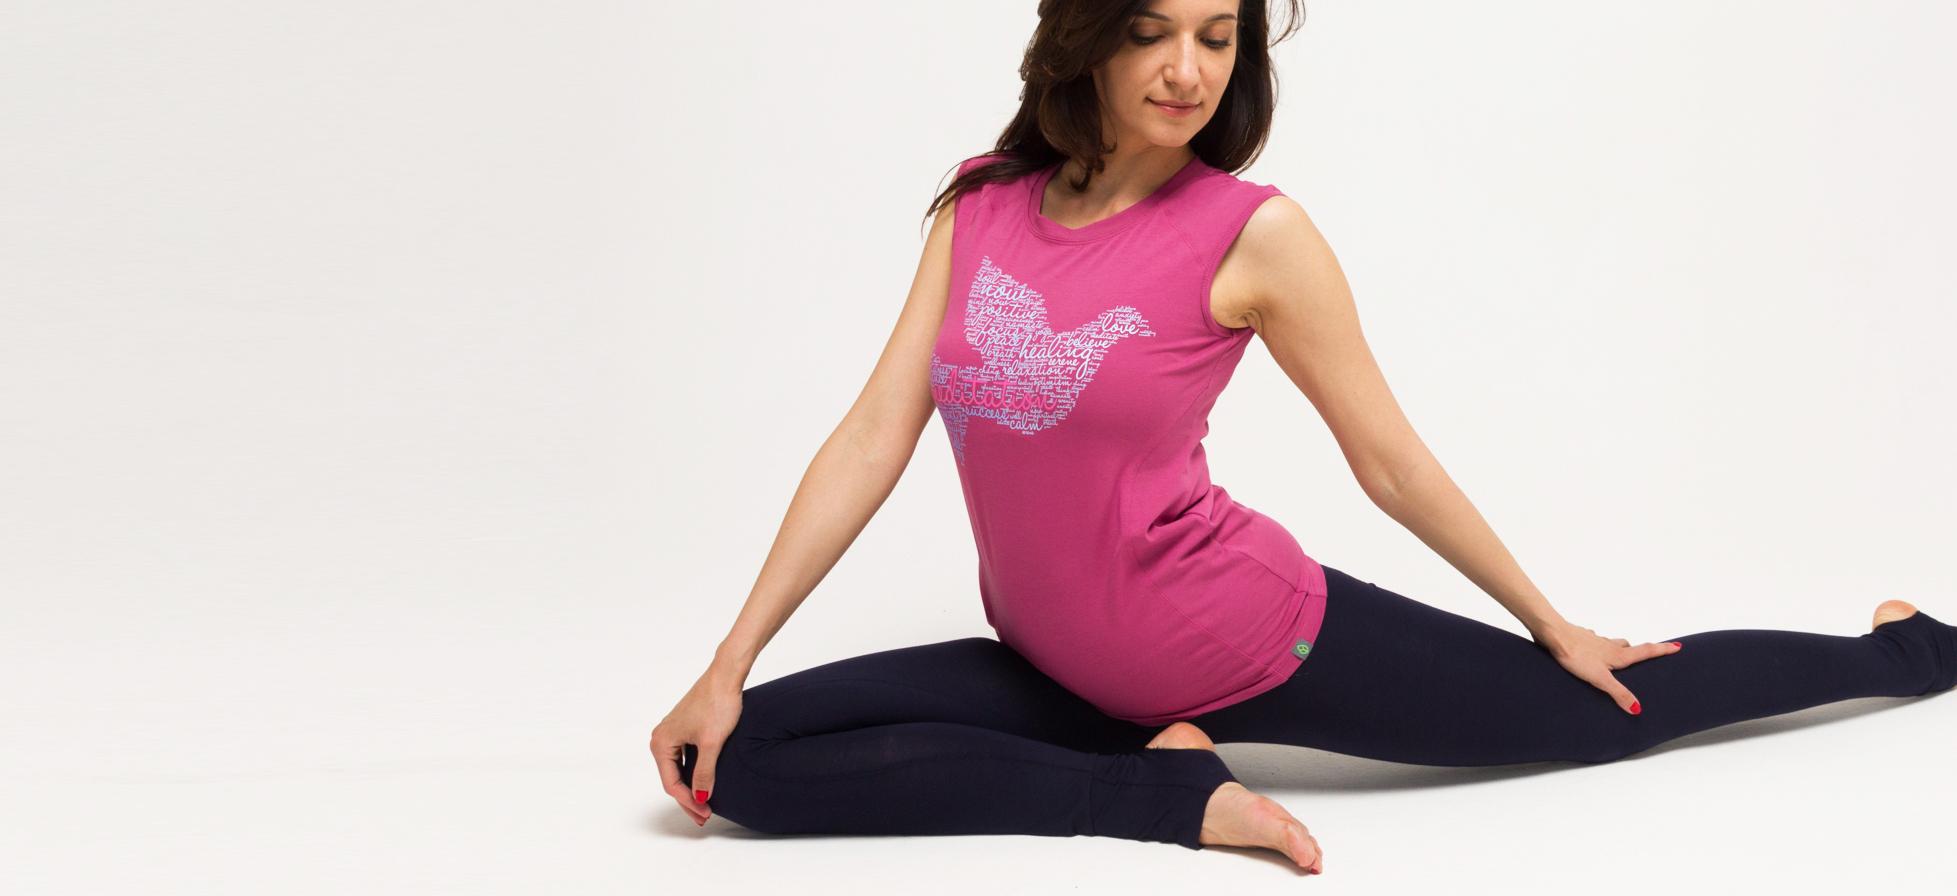 1832d4527ef4 Одежда для йоги YogaDress: интернет-магазин и шоу-рум в Москве ...